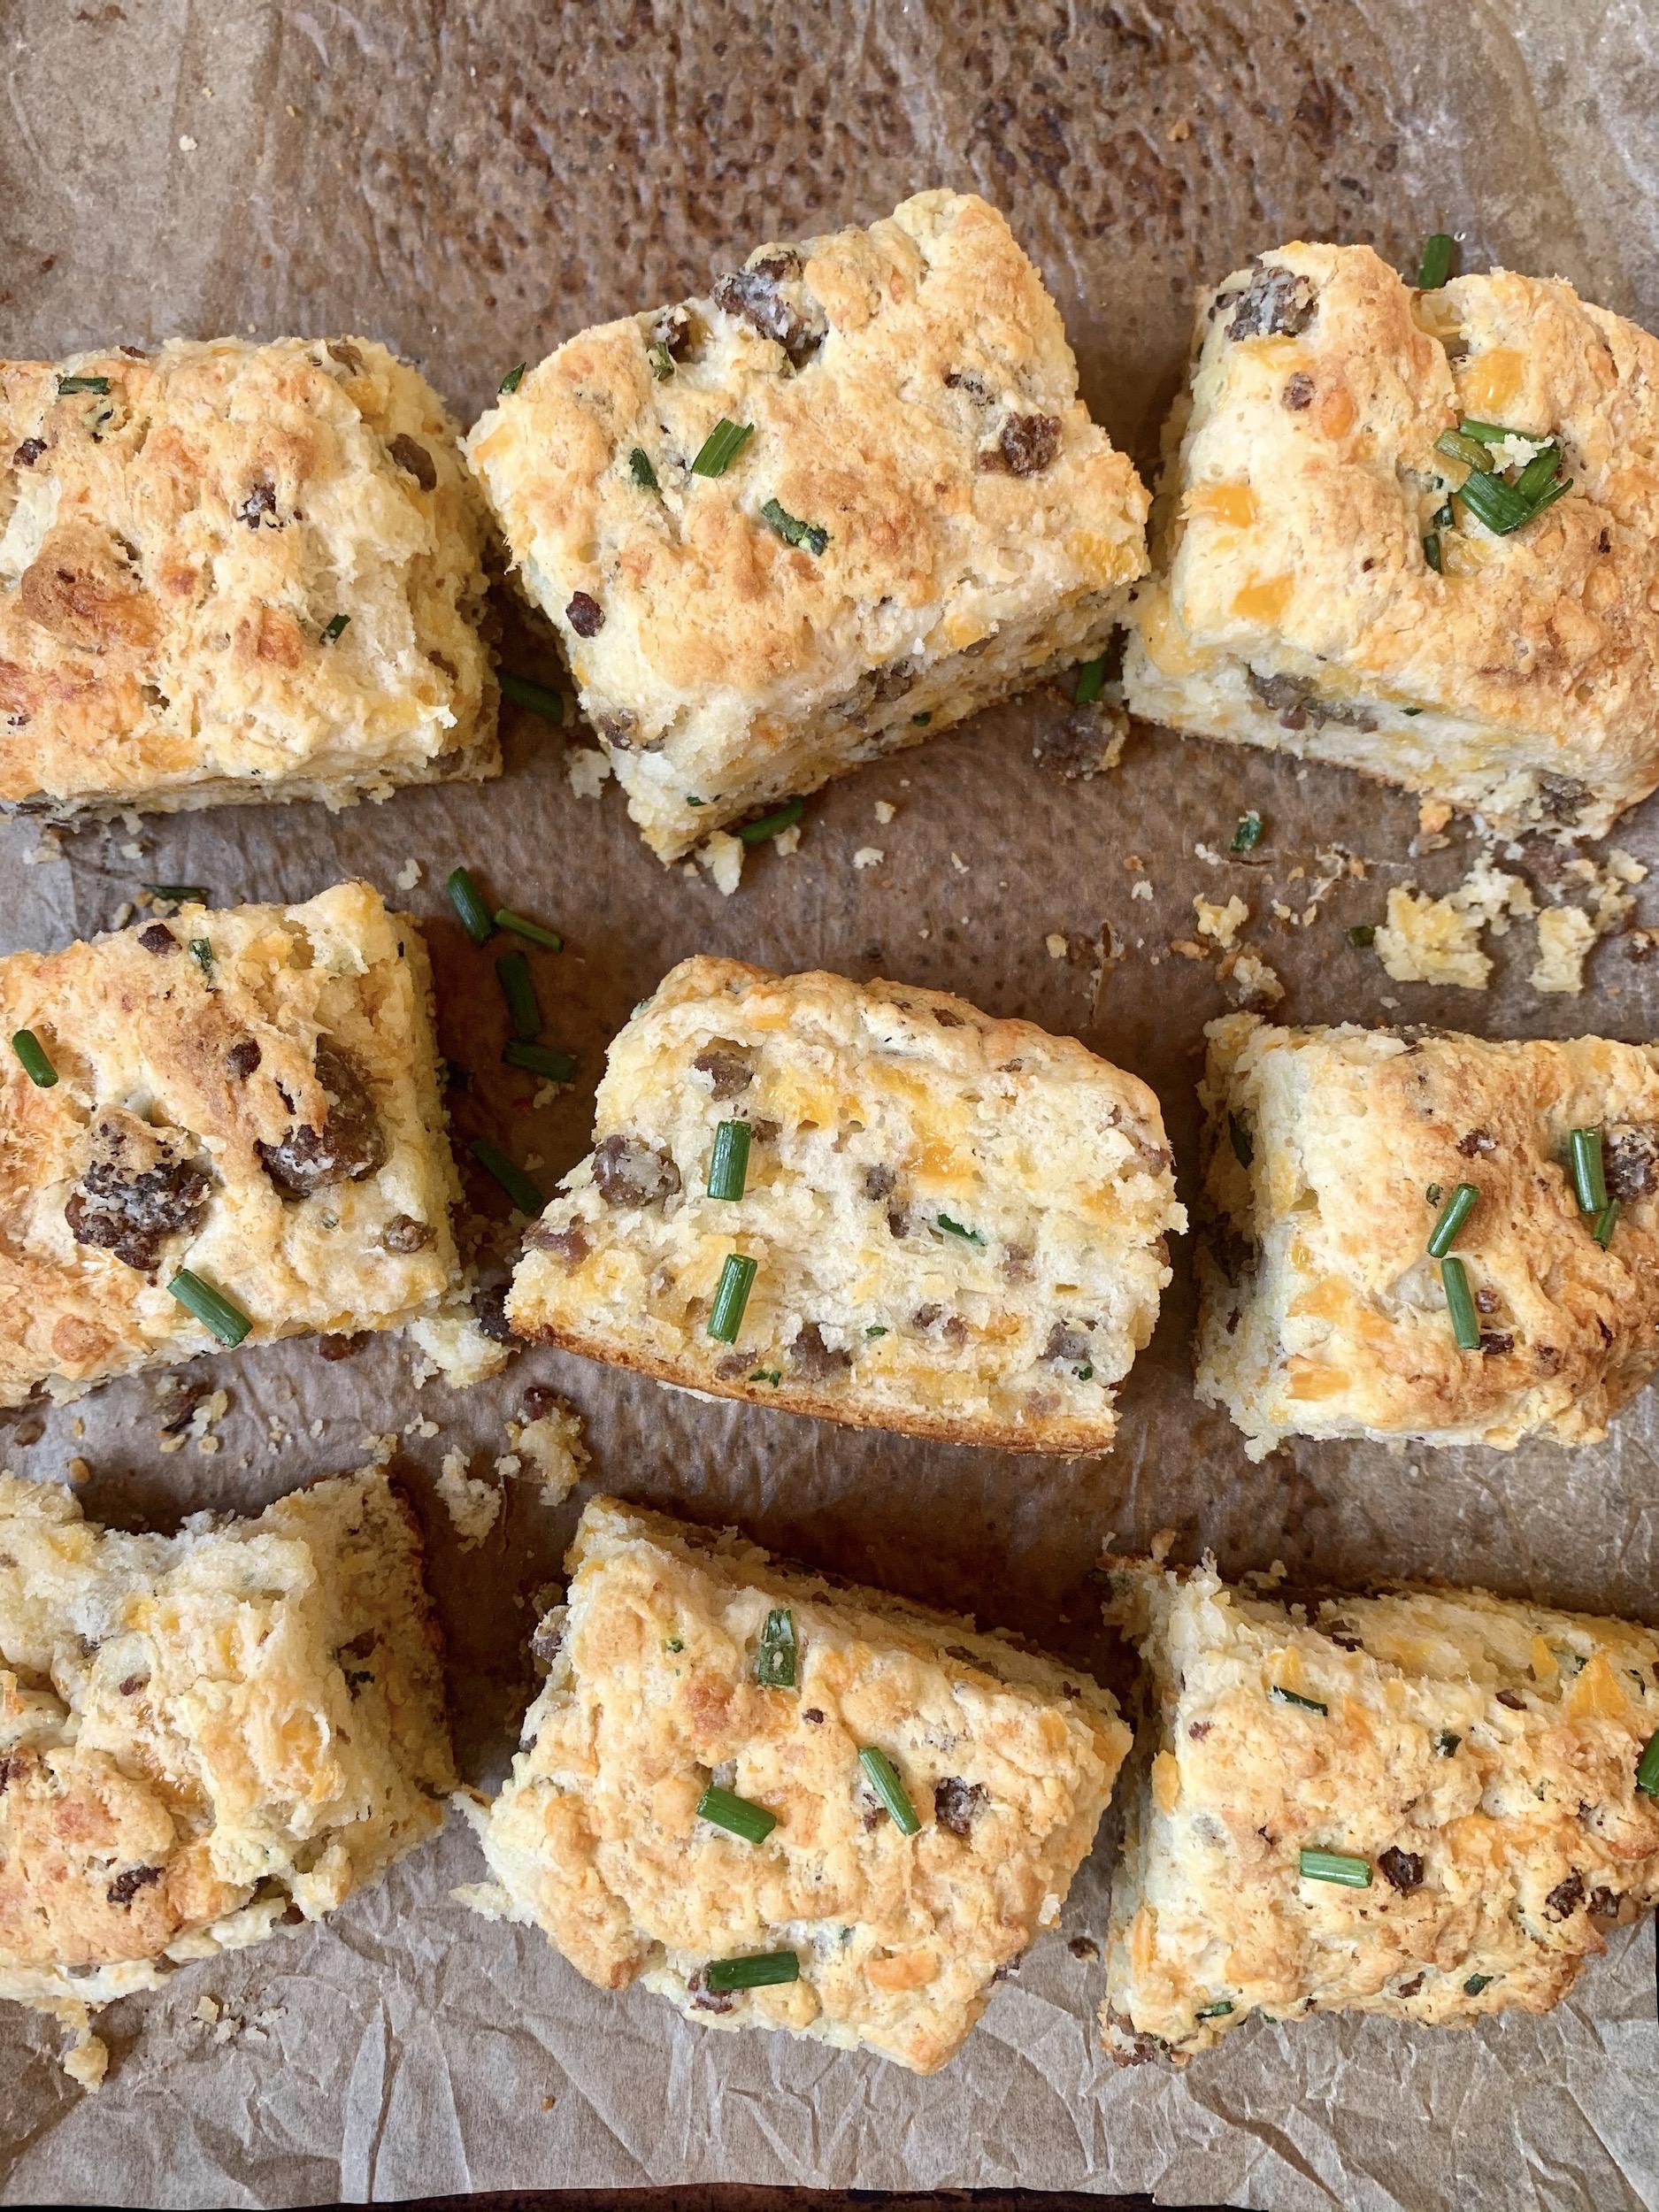 sausage cheddar biscuits on a baking sheeton a baking sheet